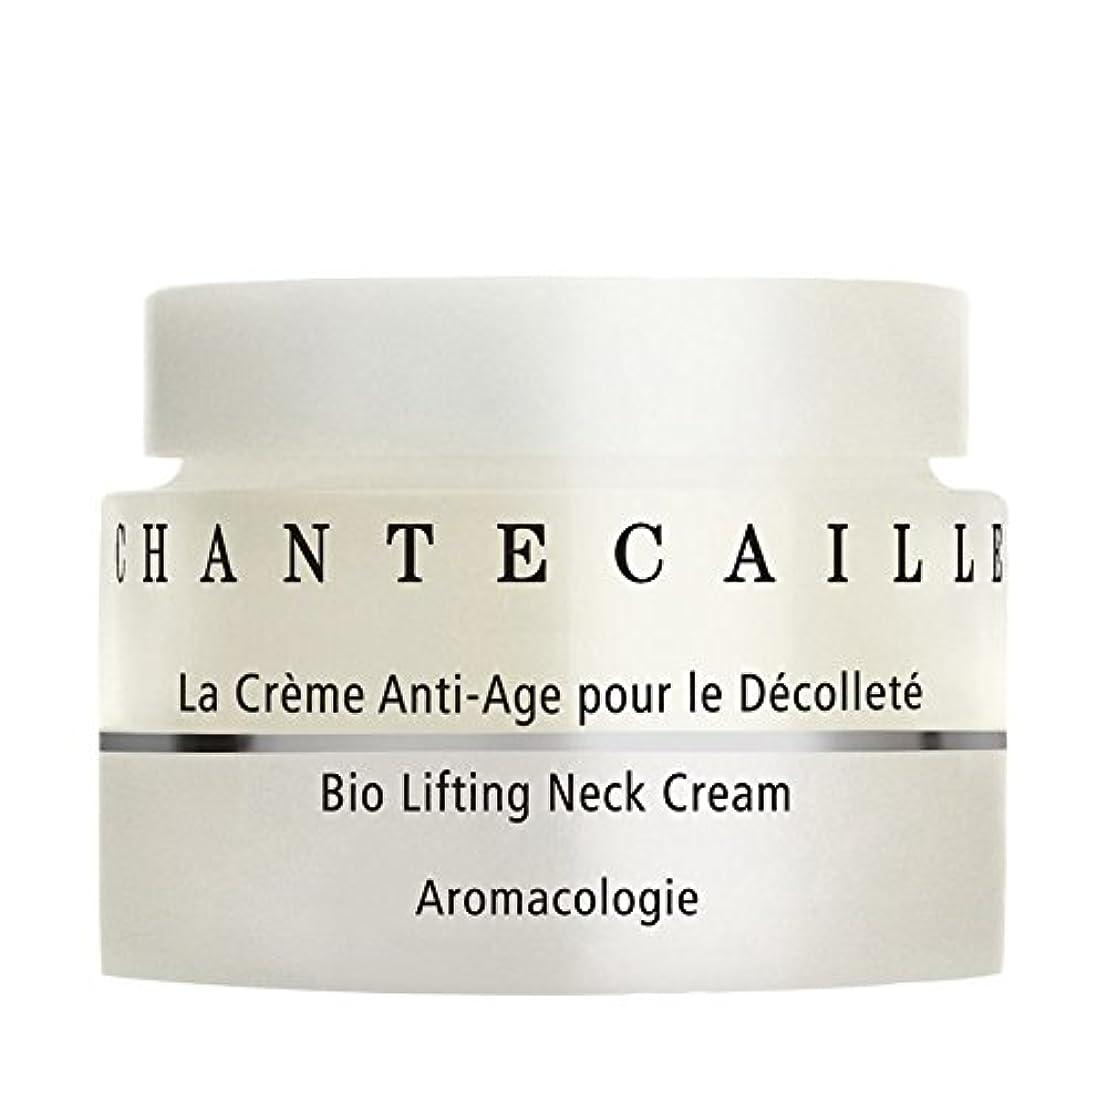 療法整然とした見捨てられたChantecaille Biodynamic Lifting Neck Cream, Chantecaille (Pack of 6) - シャンテカイユバイオダイナミックリフティングネッククリーム、シャンテカイユ x6...